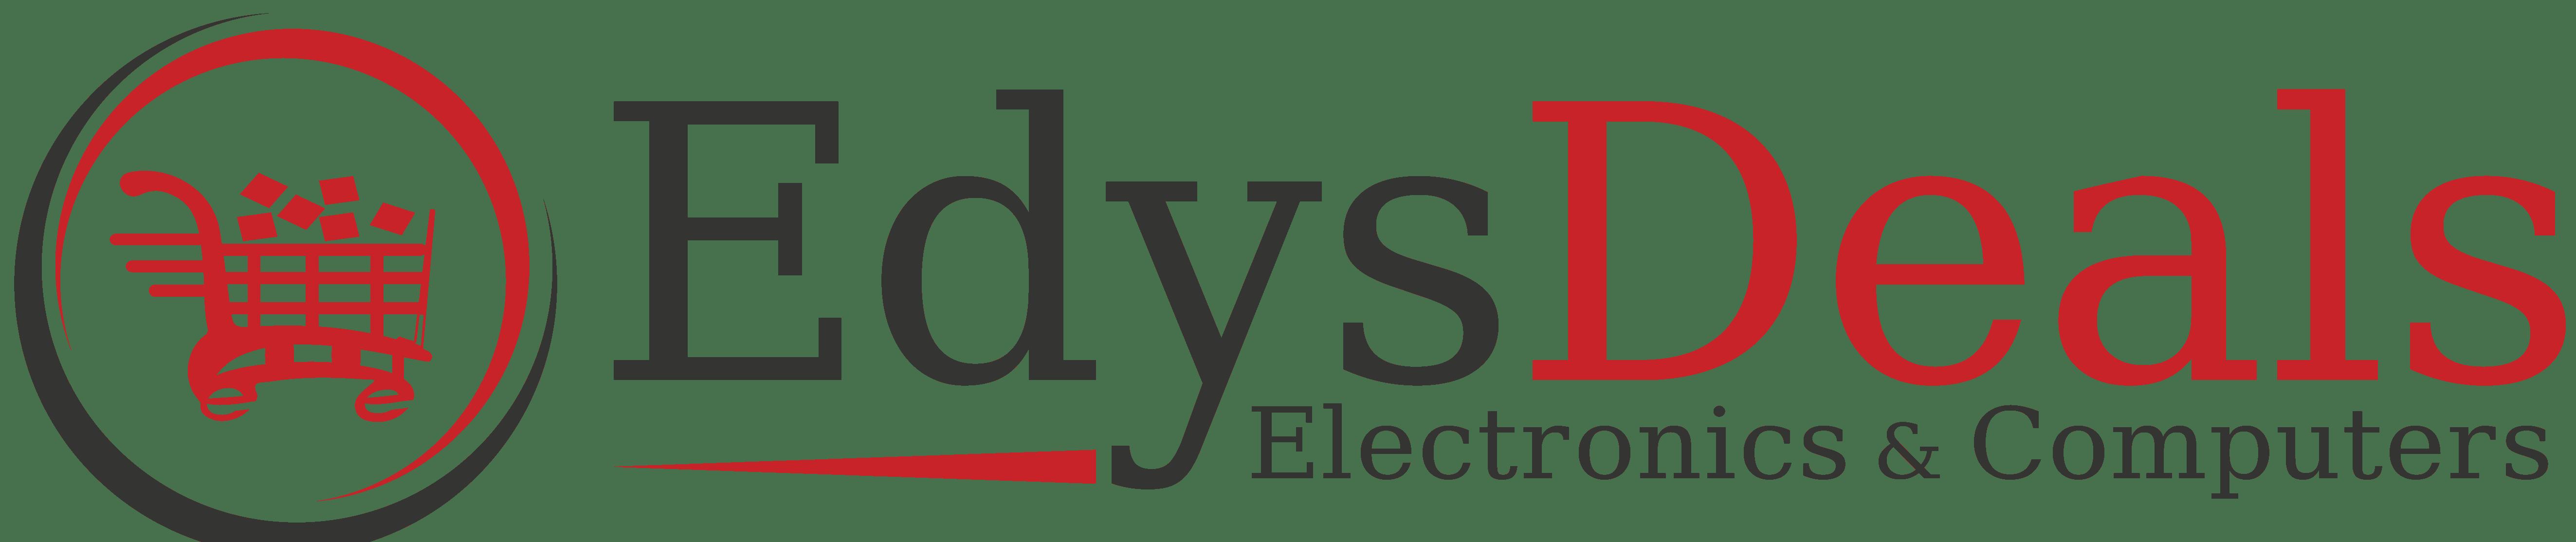 Edysdeals.com